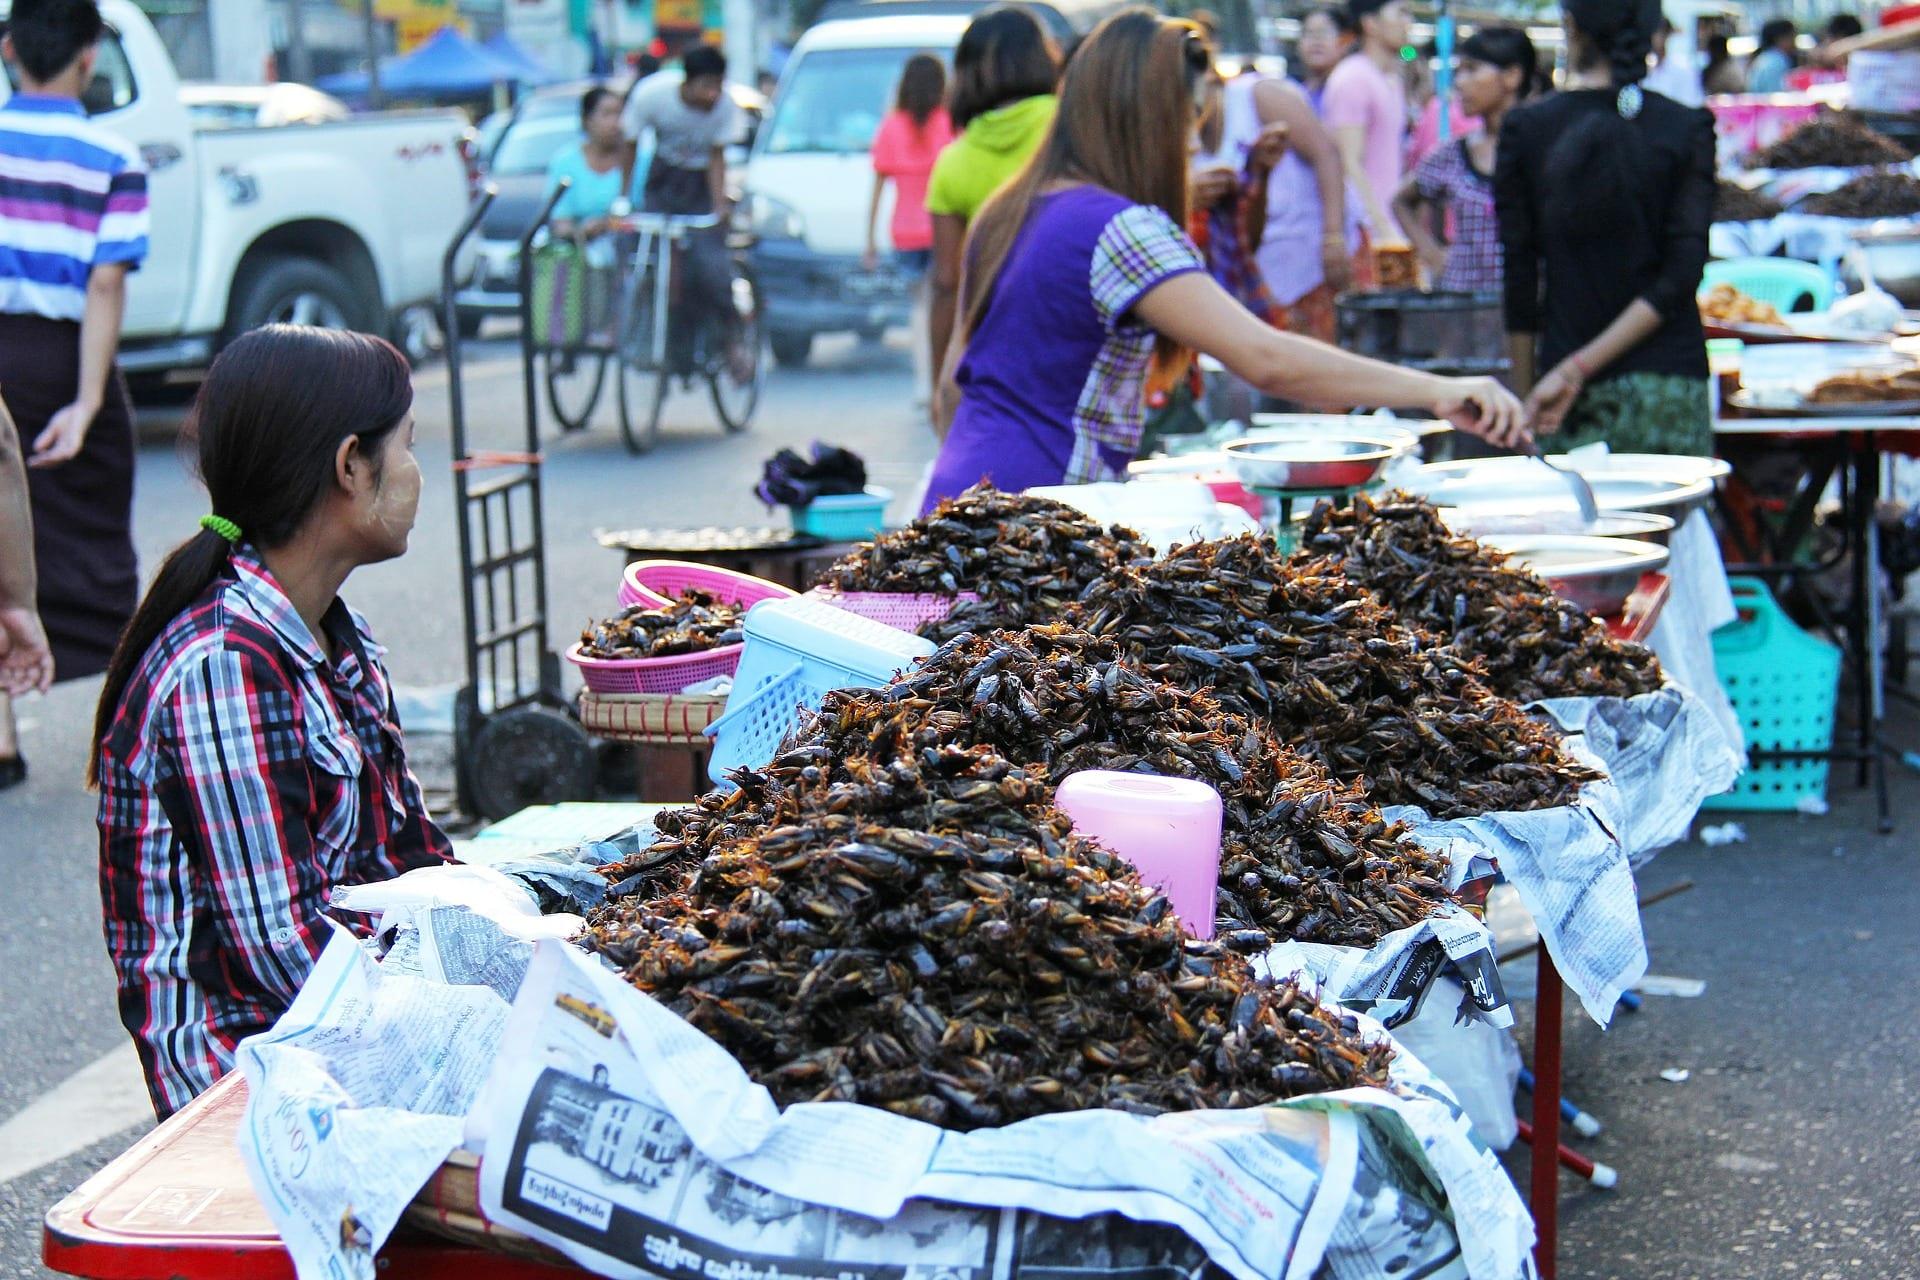 Gli scarafaggi innamorati si mangiano reciprocamente le ali